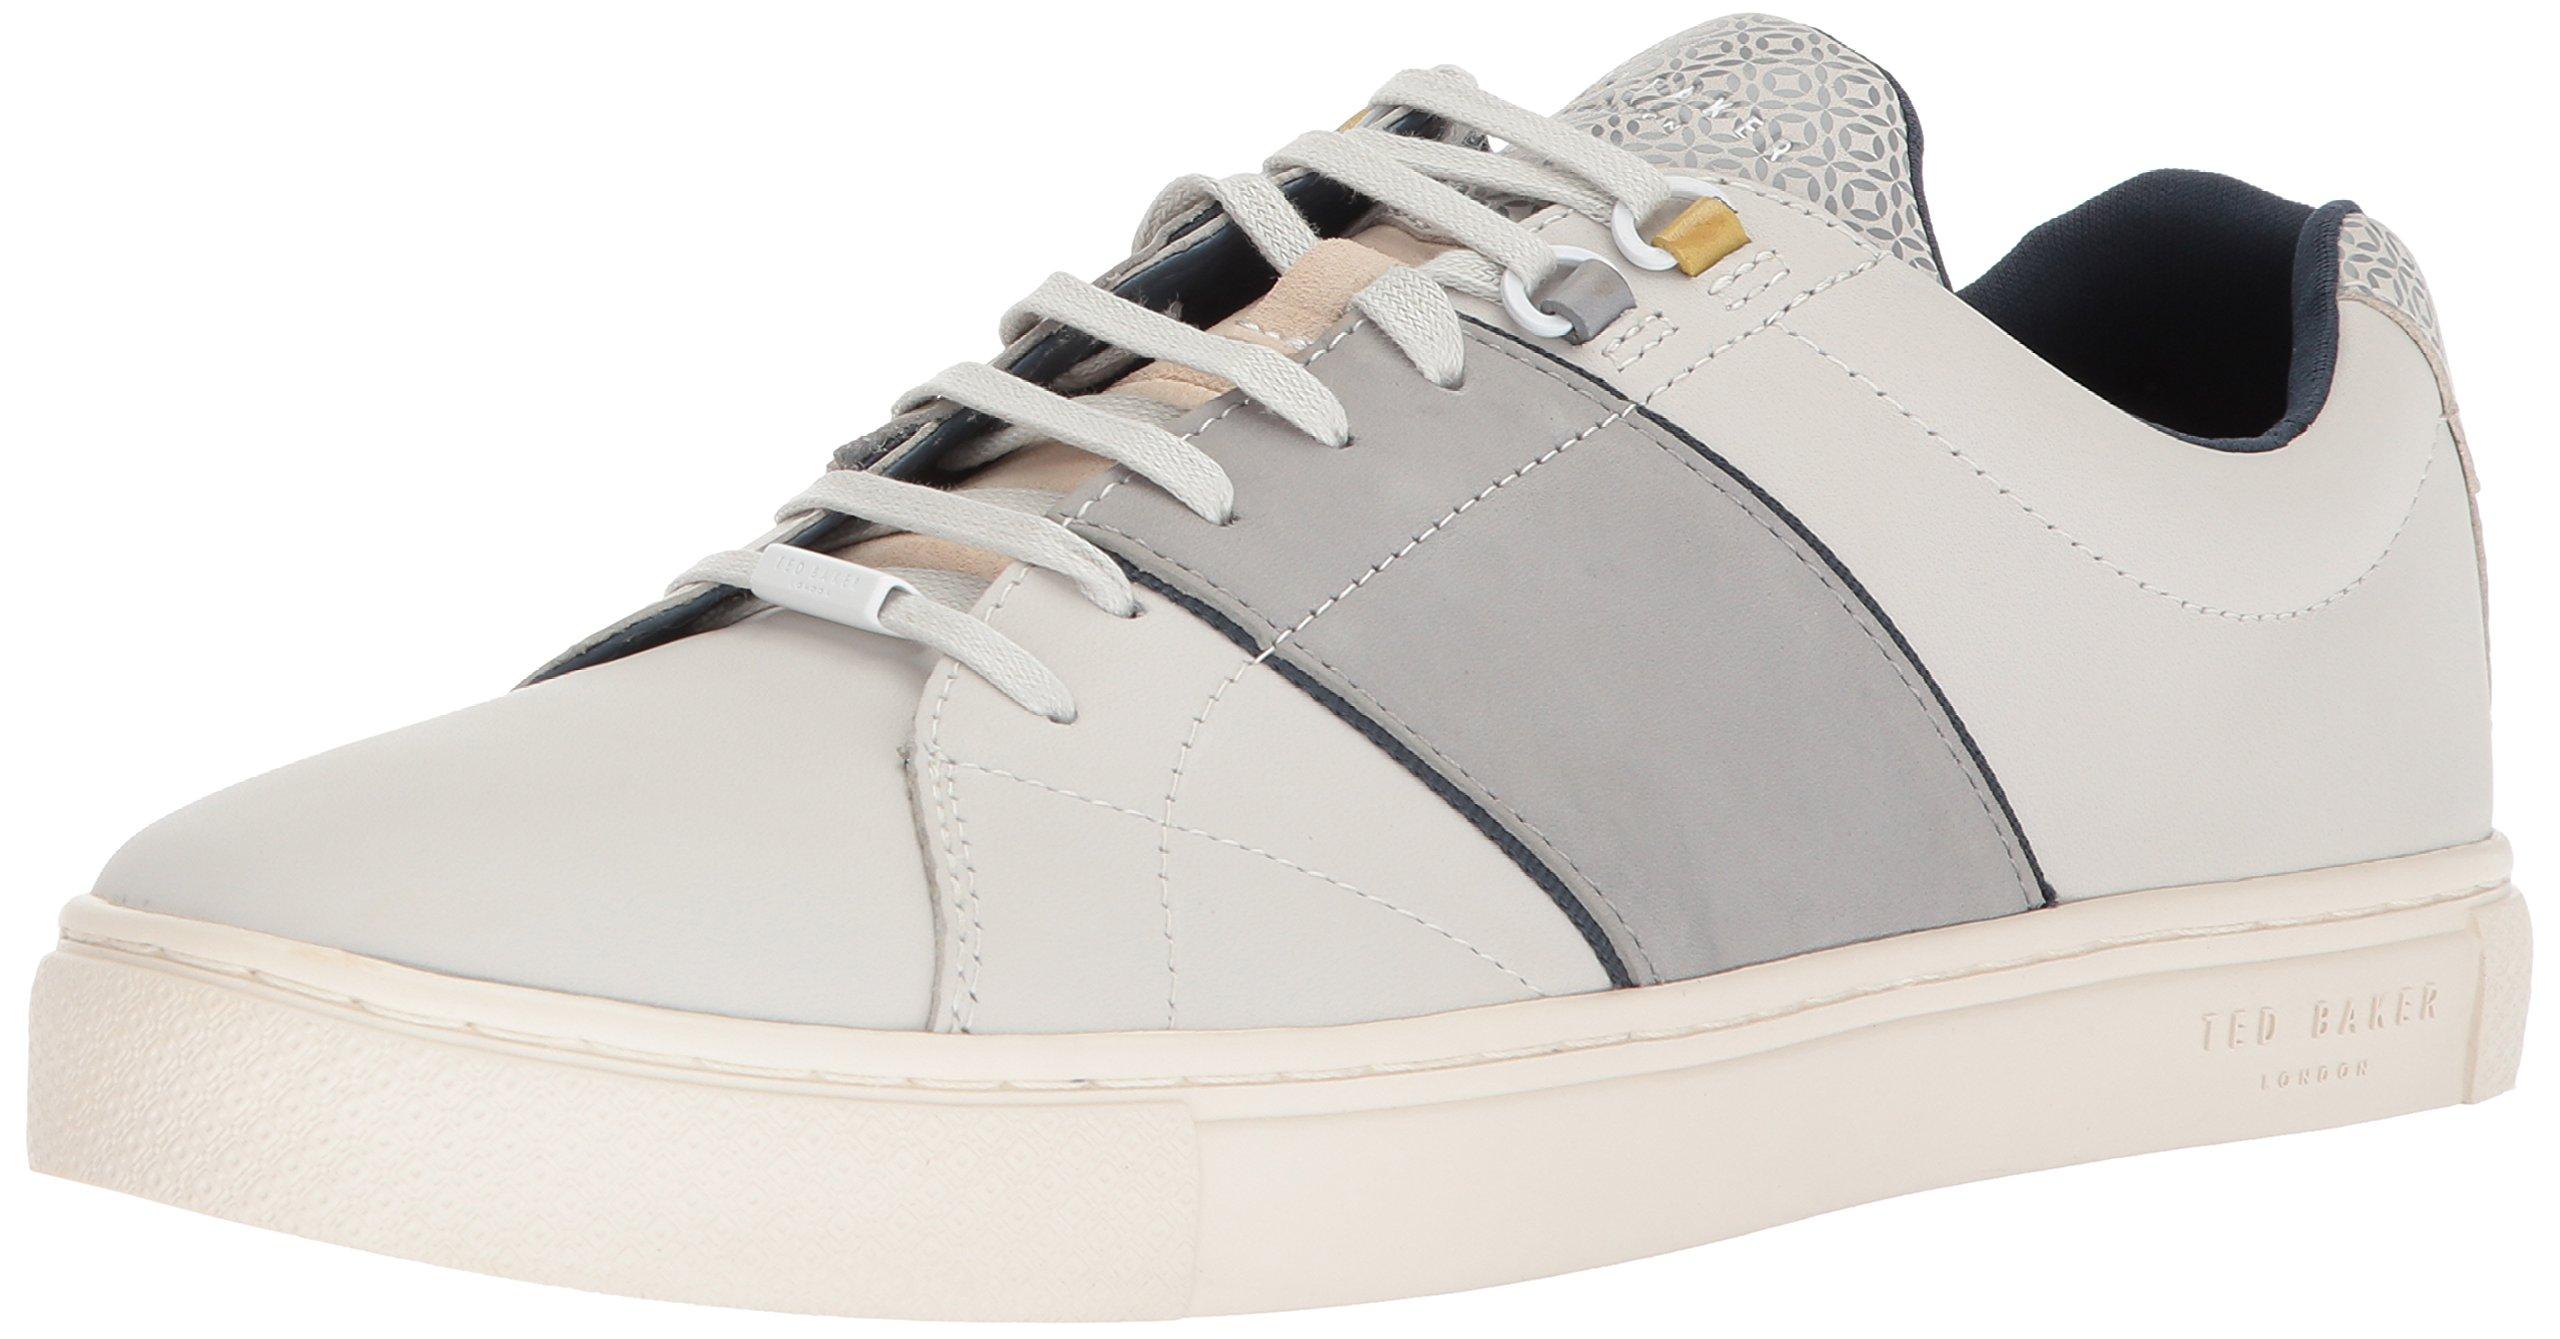 Ted Baker Men's Quana Sneaker, White, 10.5 D(M) US